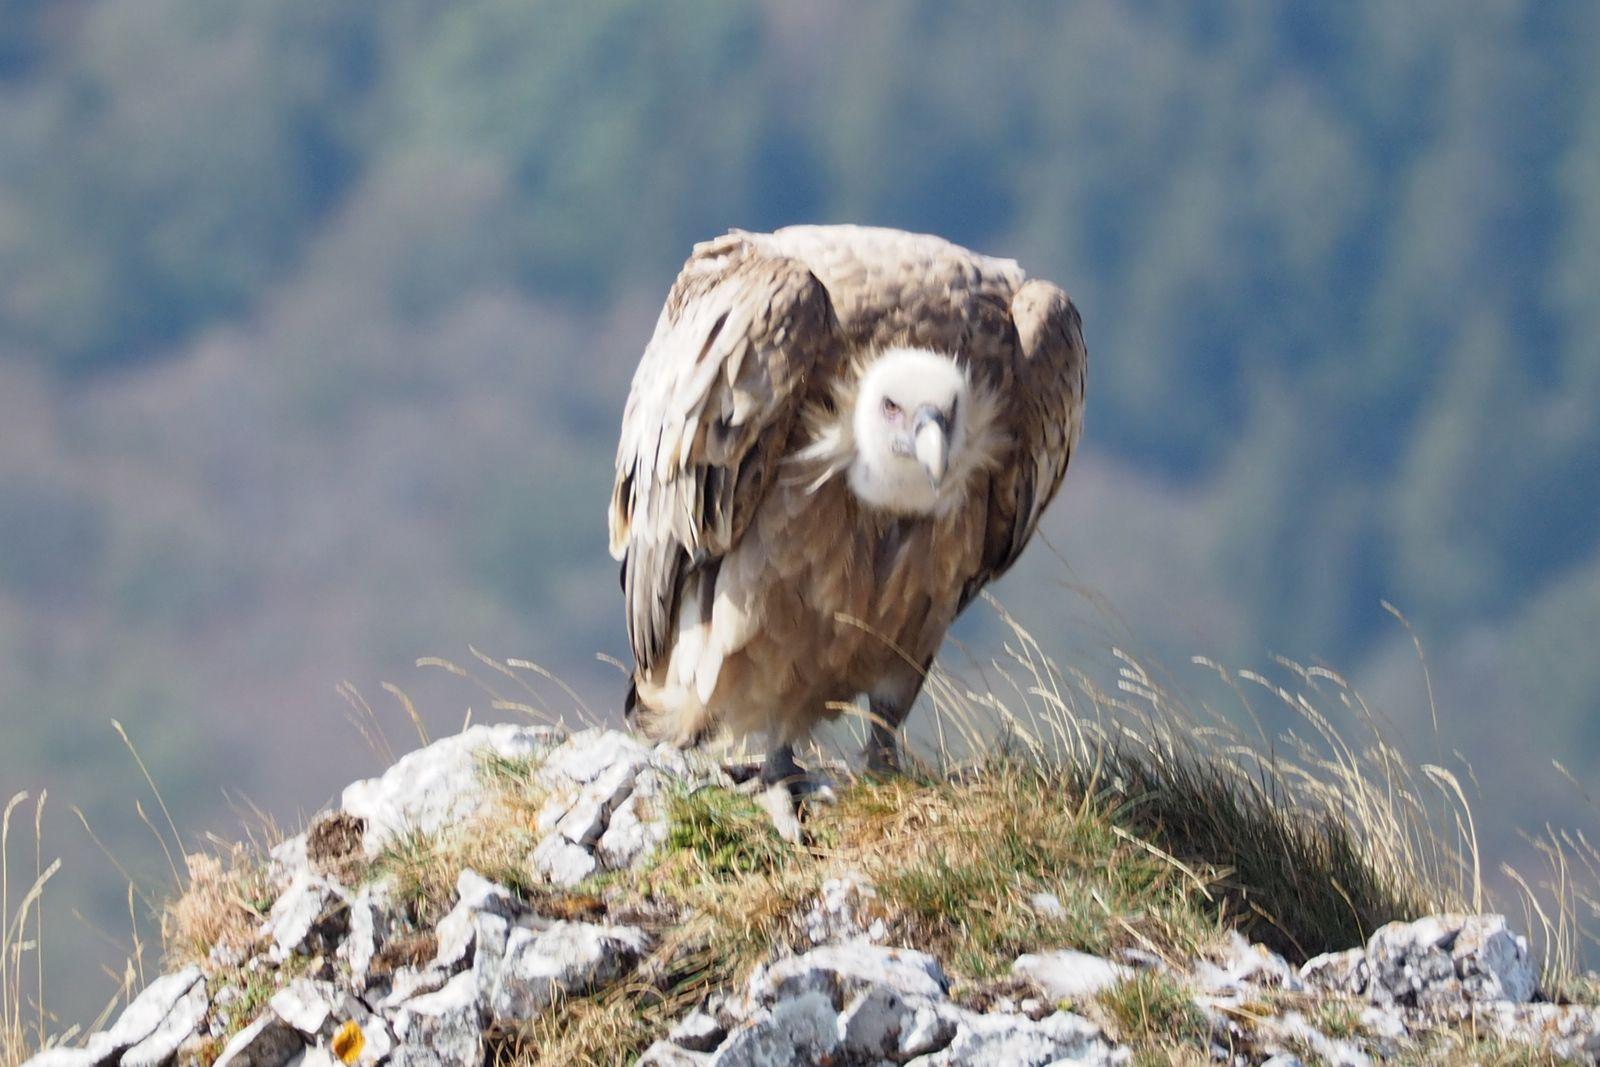 En compagnie d'un vautour.